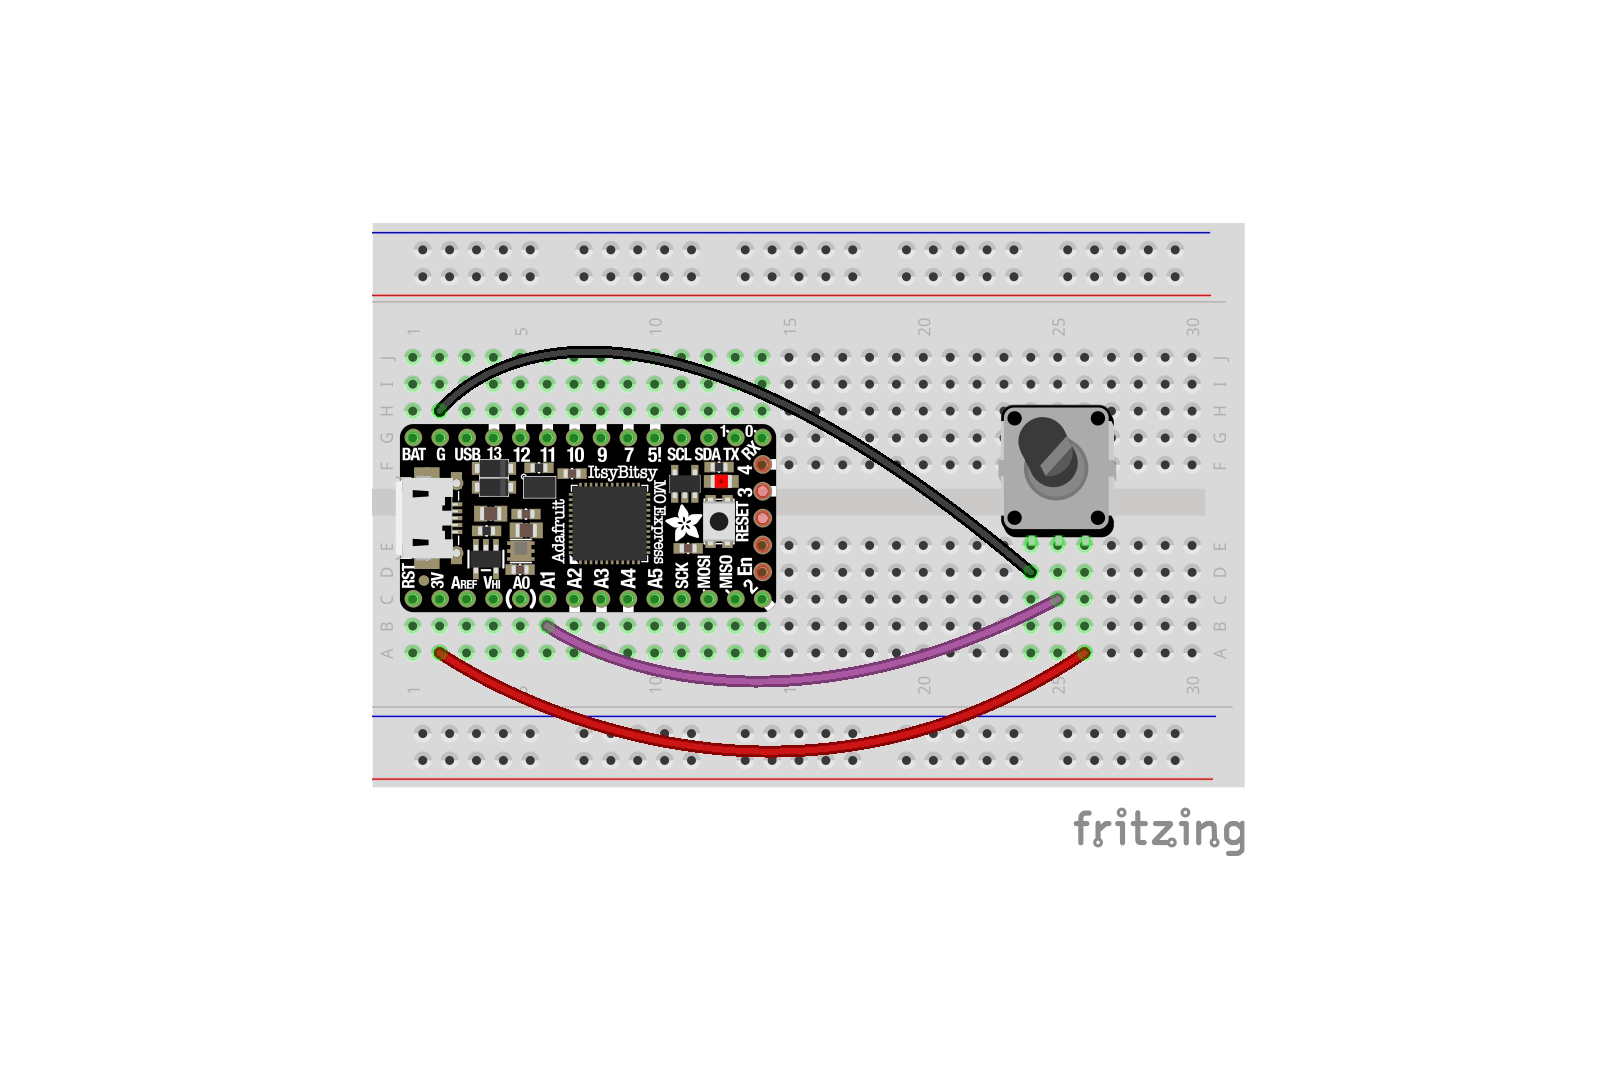 circuitpython_ItsyBitsyM0ExpressPot_bb.jpg